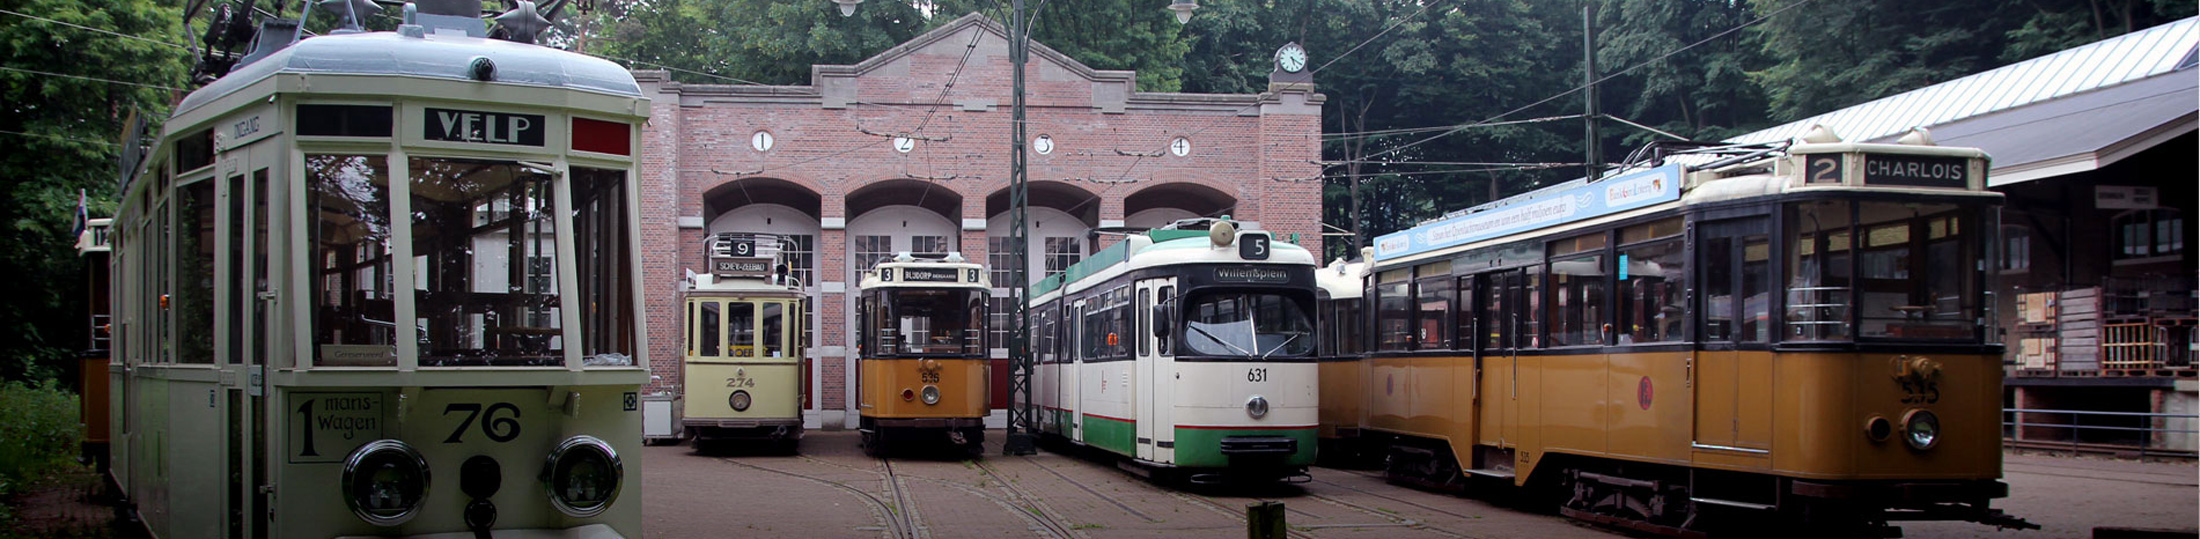 Tram_AMZAF2b.jpg